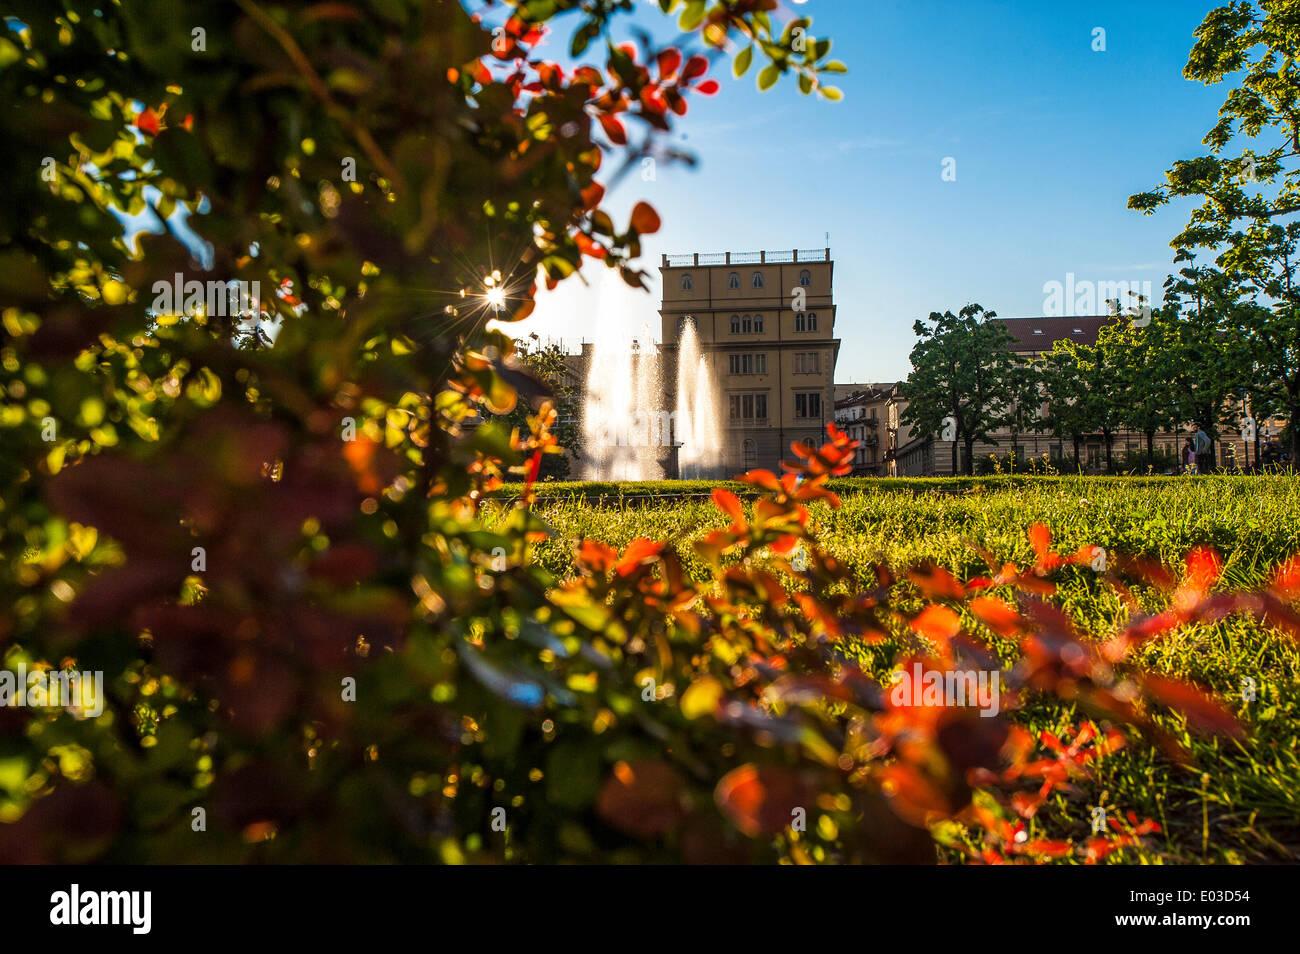 Piedmont Turin Gardens Of Stock Photos & Piedmont Turin Gardens Of ...